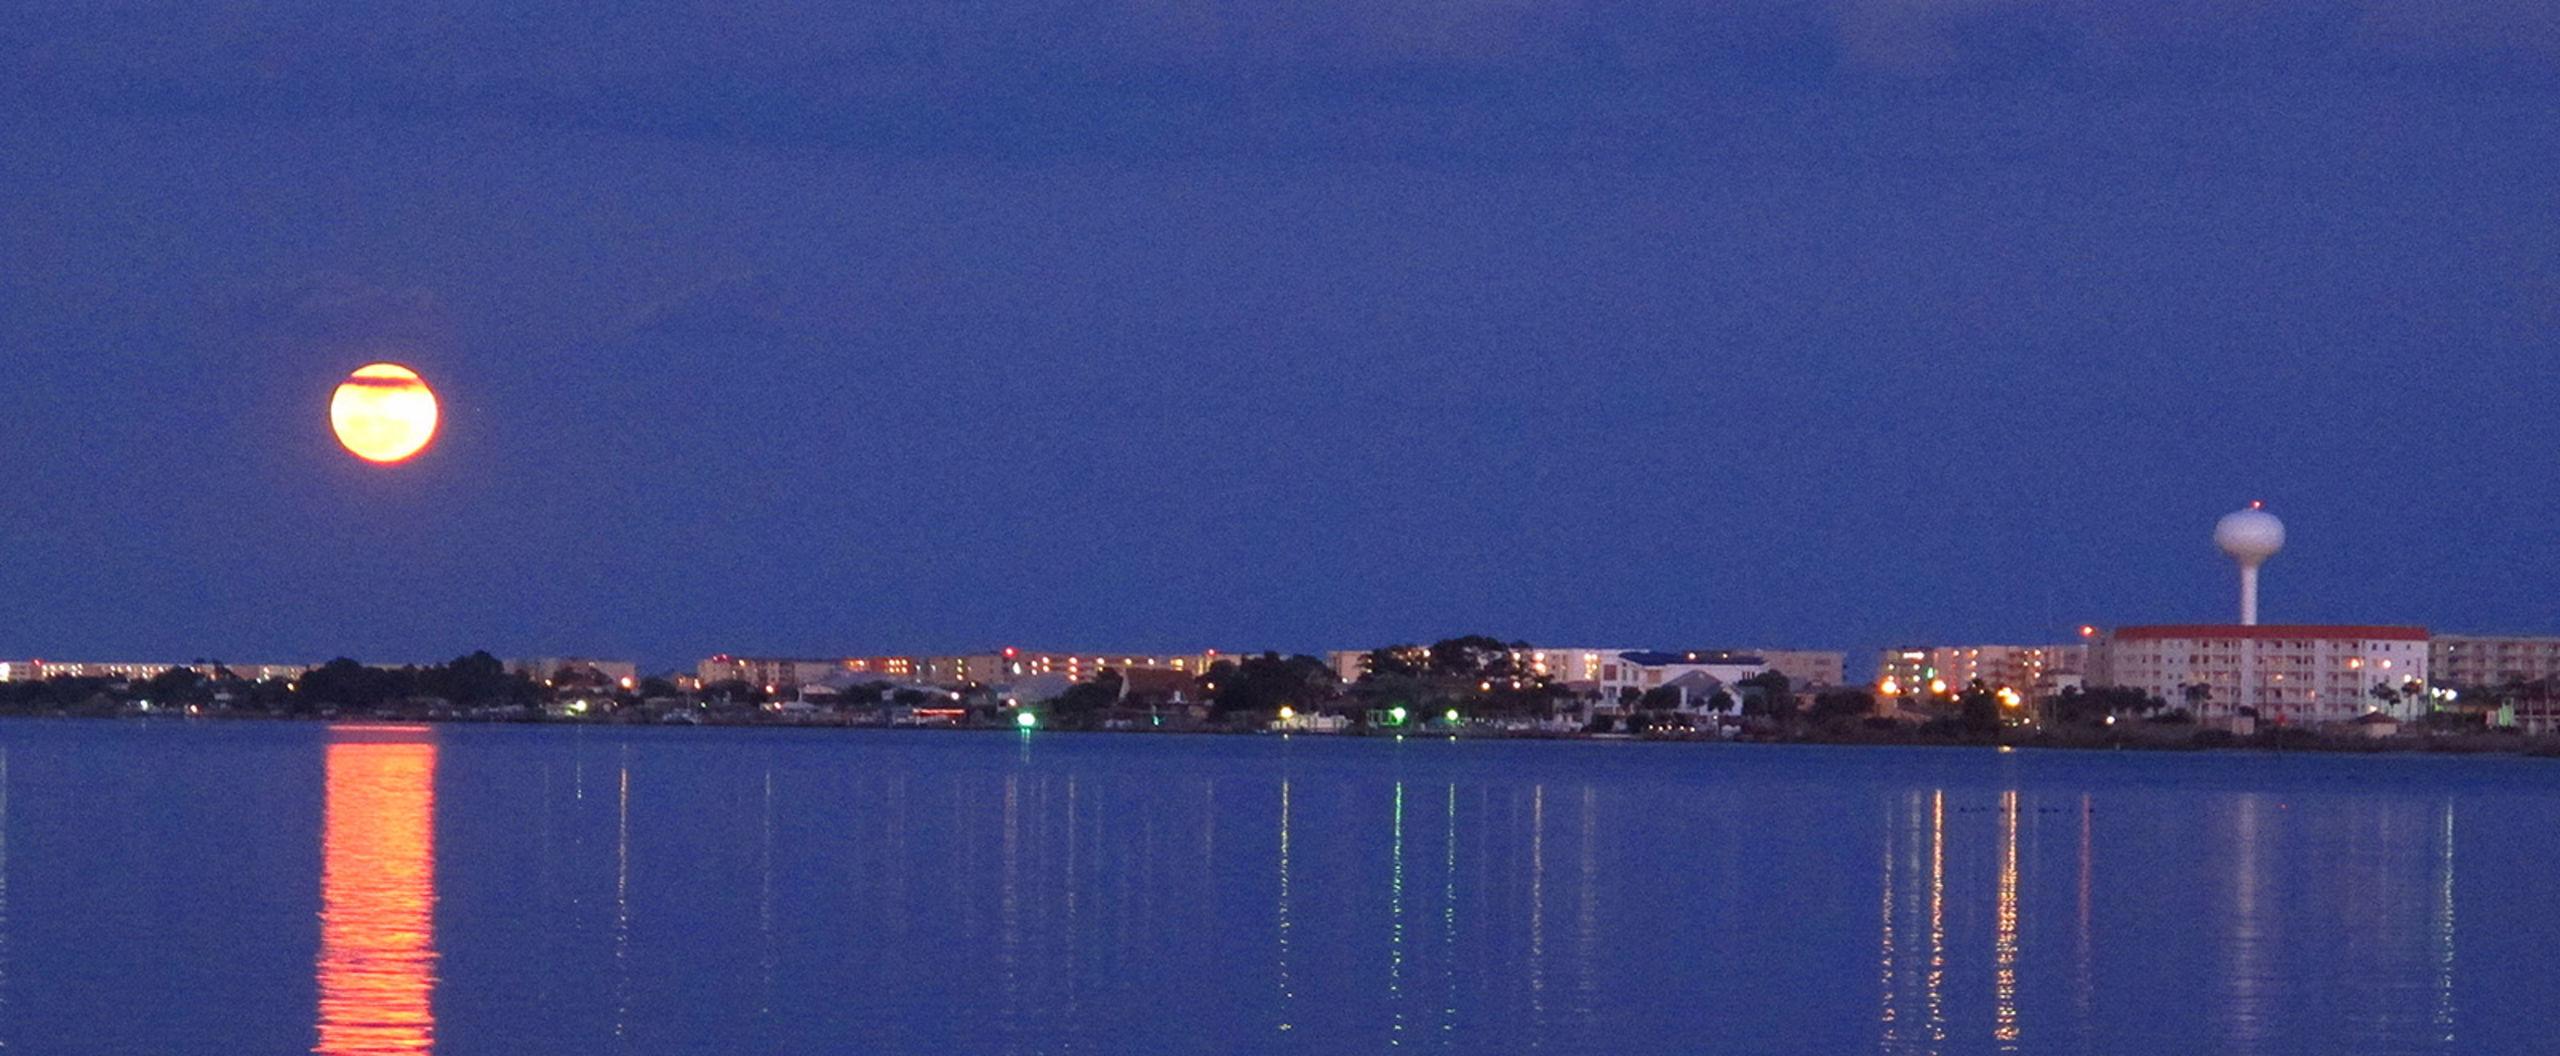 Moon over Okaloosa Island